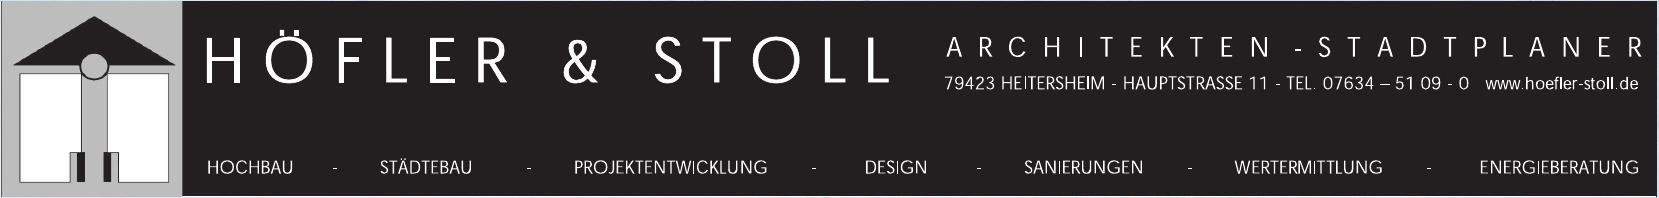 Höfler & Stoll